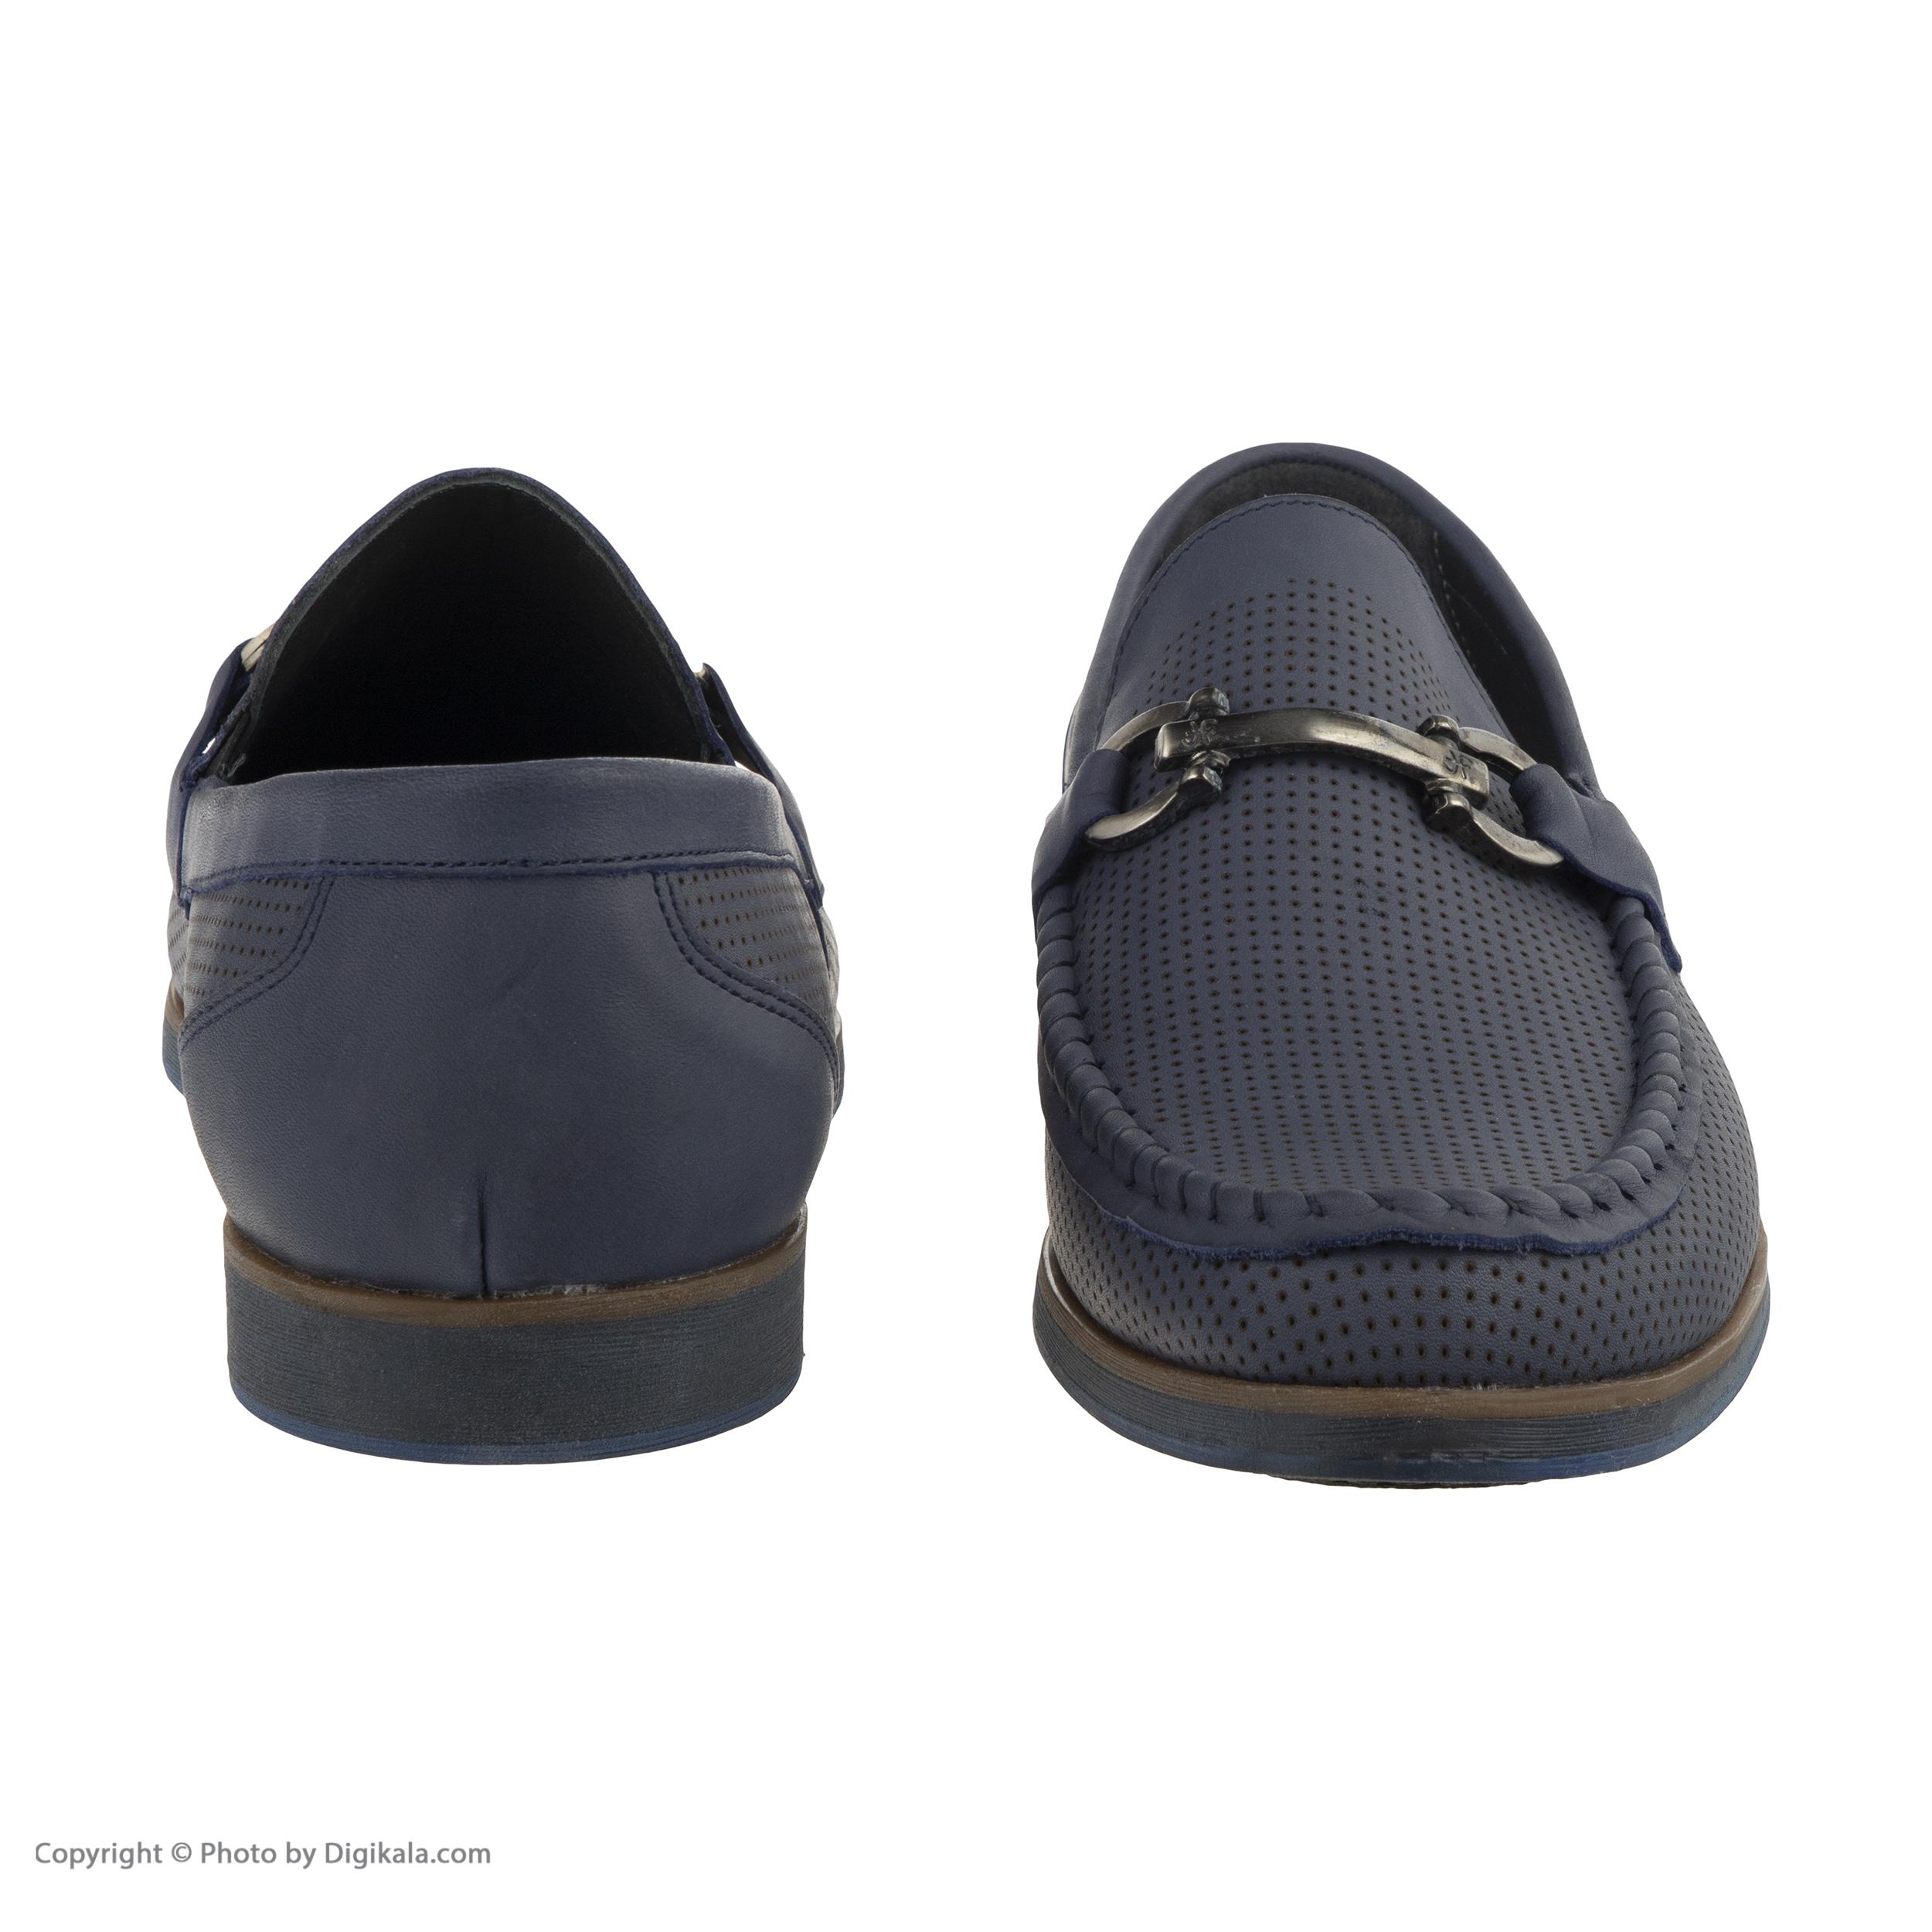 کفش روزمره مردانه سوته مدل 5014A503103 -  - 6